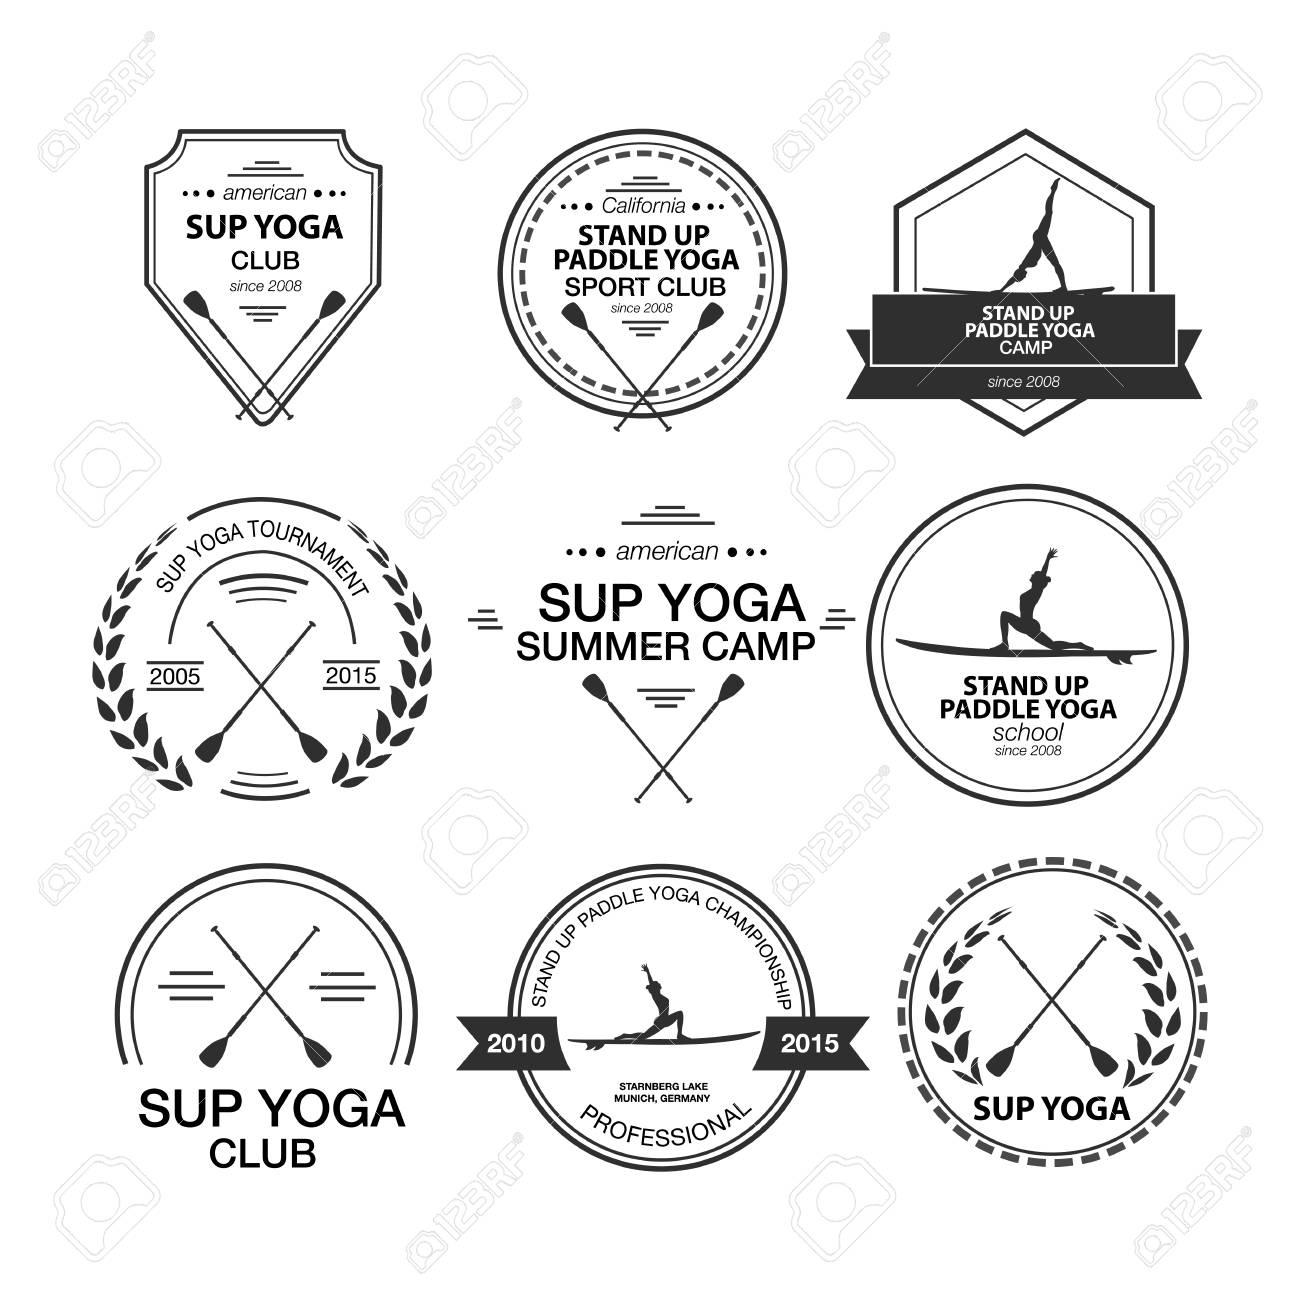 Set Aus Verschiedenen Vorlagen Für Stand Up Paddle Yoga. Sportlich ...